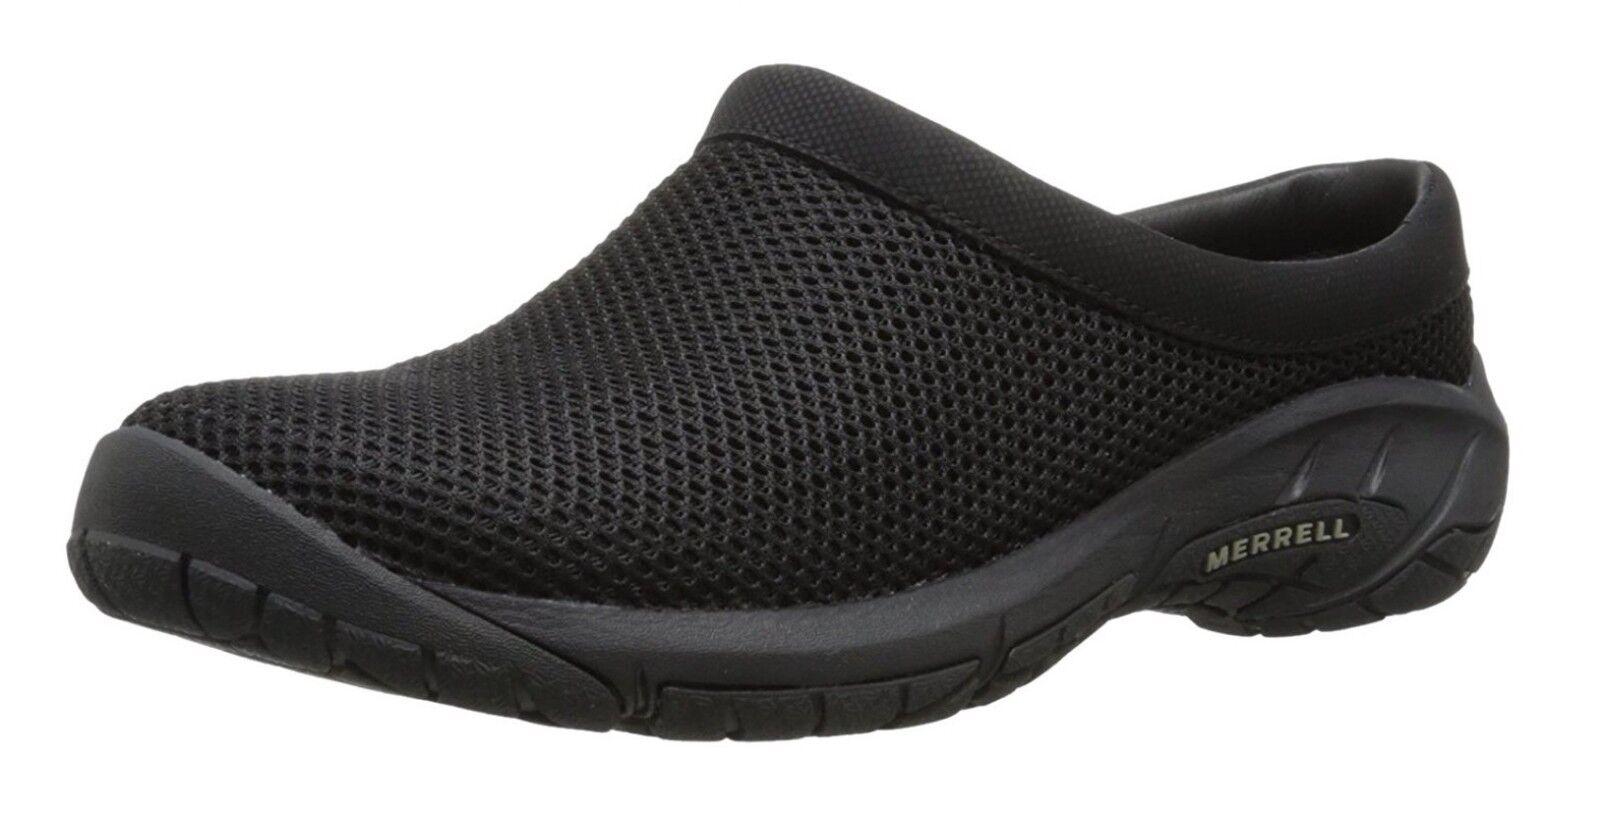 Merrell Women's Encore Breeze 3 Slip-On shoes